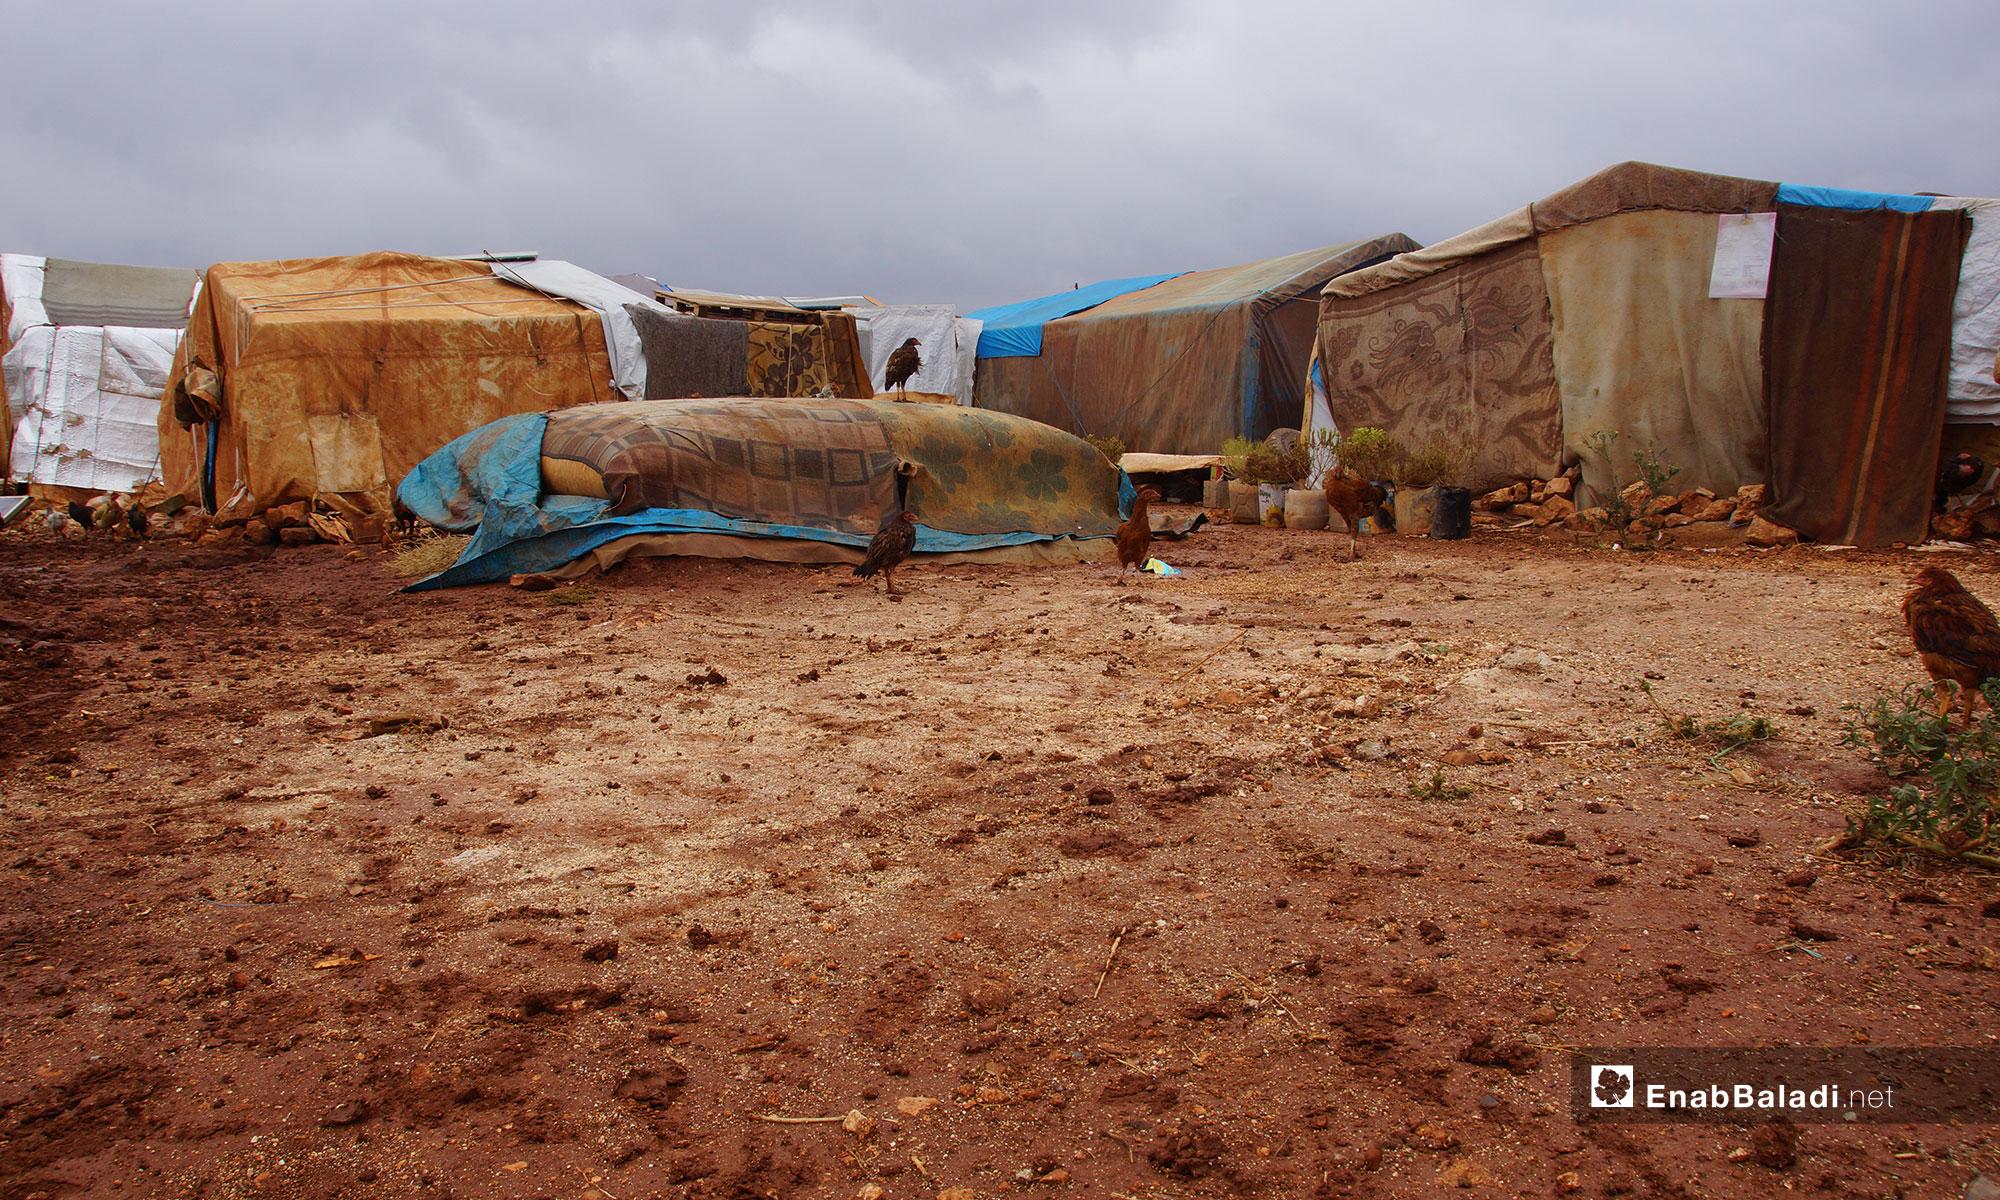 معاناة نازحو ريف حماة في مخيم أبو الوليد بريف إدلب الجنوبي - 5 من تشرين الثاني 2018 (عنب بلدي)